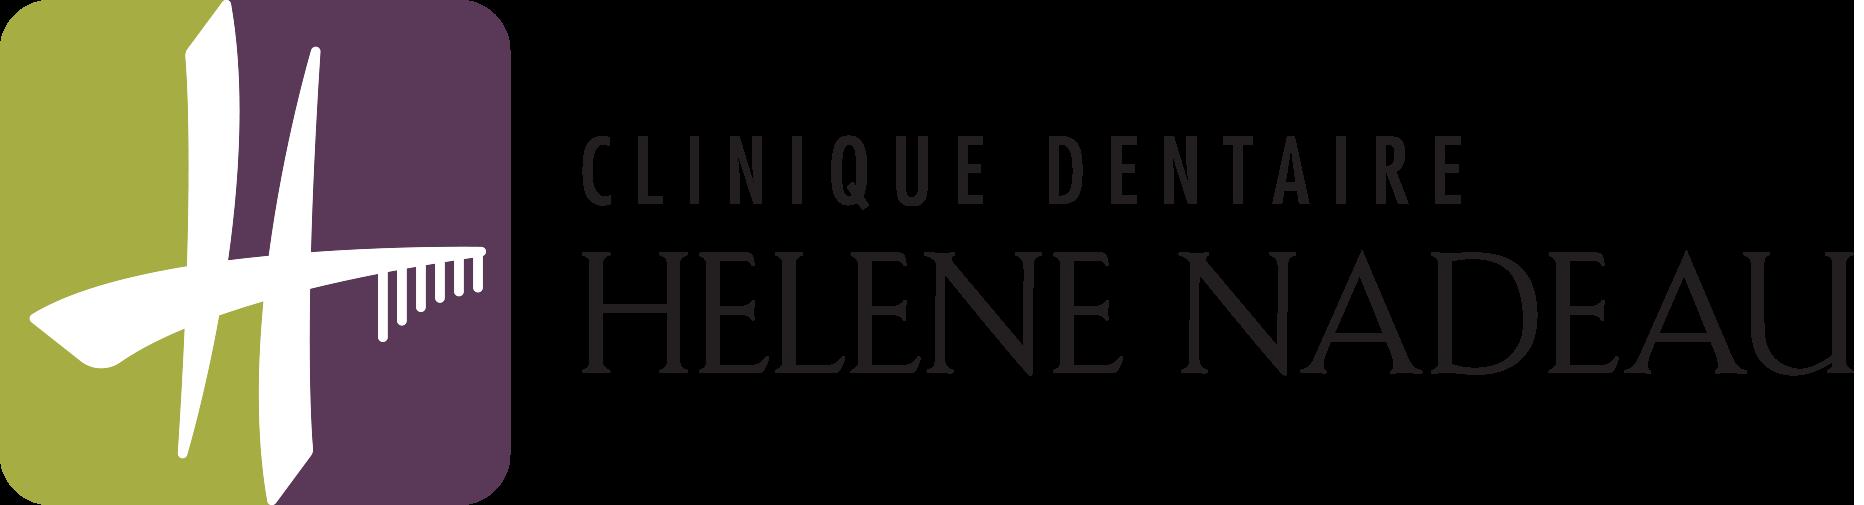 Clinique dentaire Hélène Nadeau